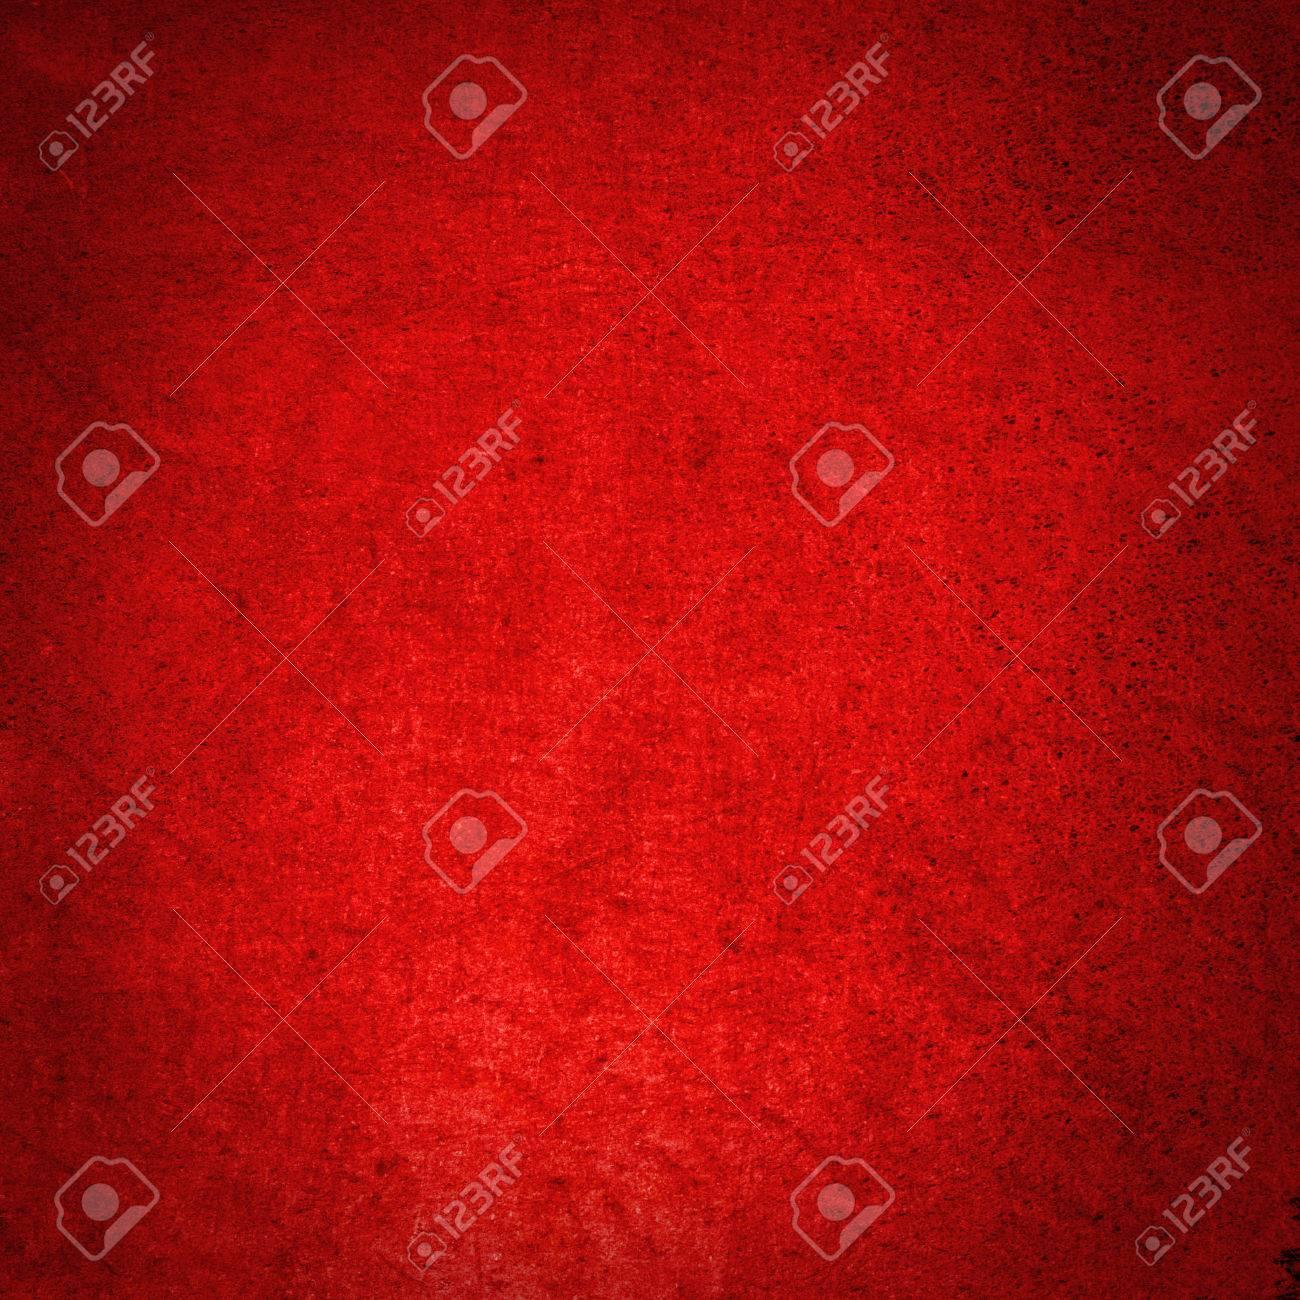 Grunge red background texture - 43660182